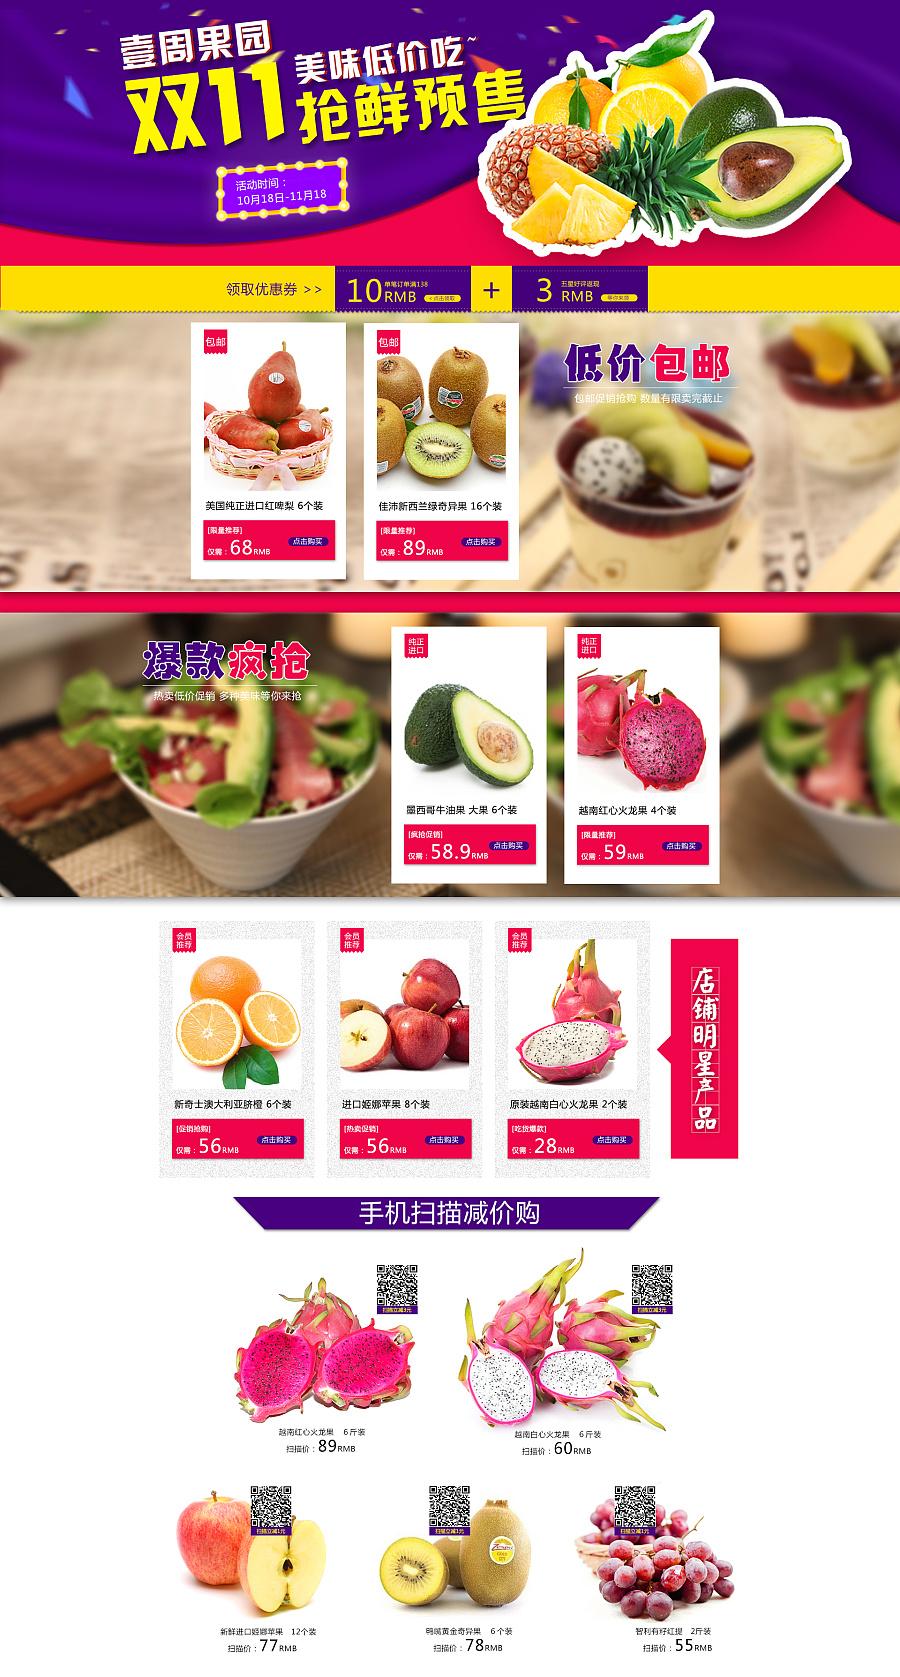 双11首页 光棍节 水果 牛油果 奇异果 水果海报 水果网页 电商设计图片